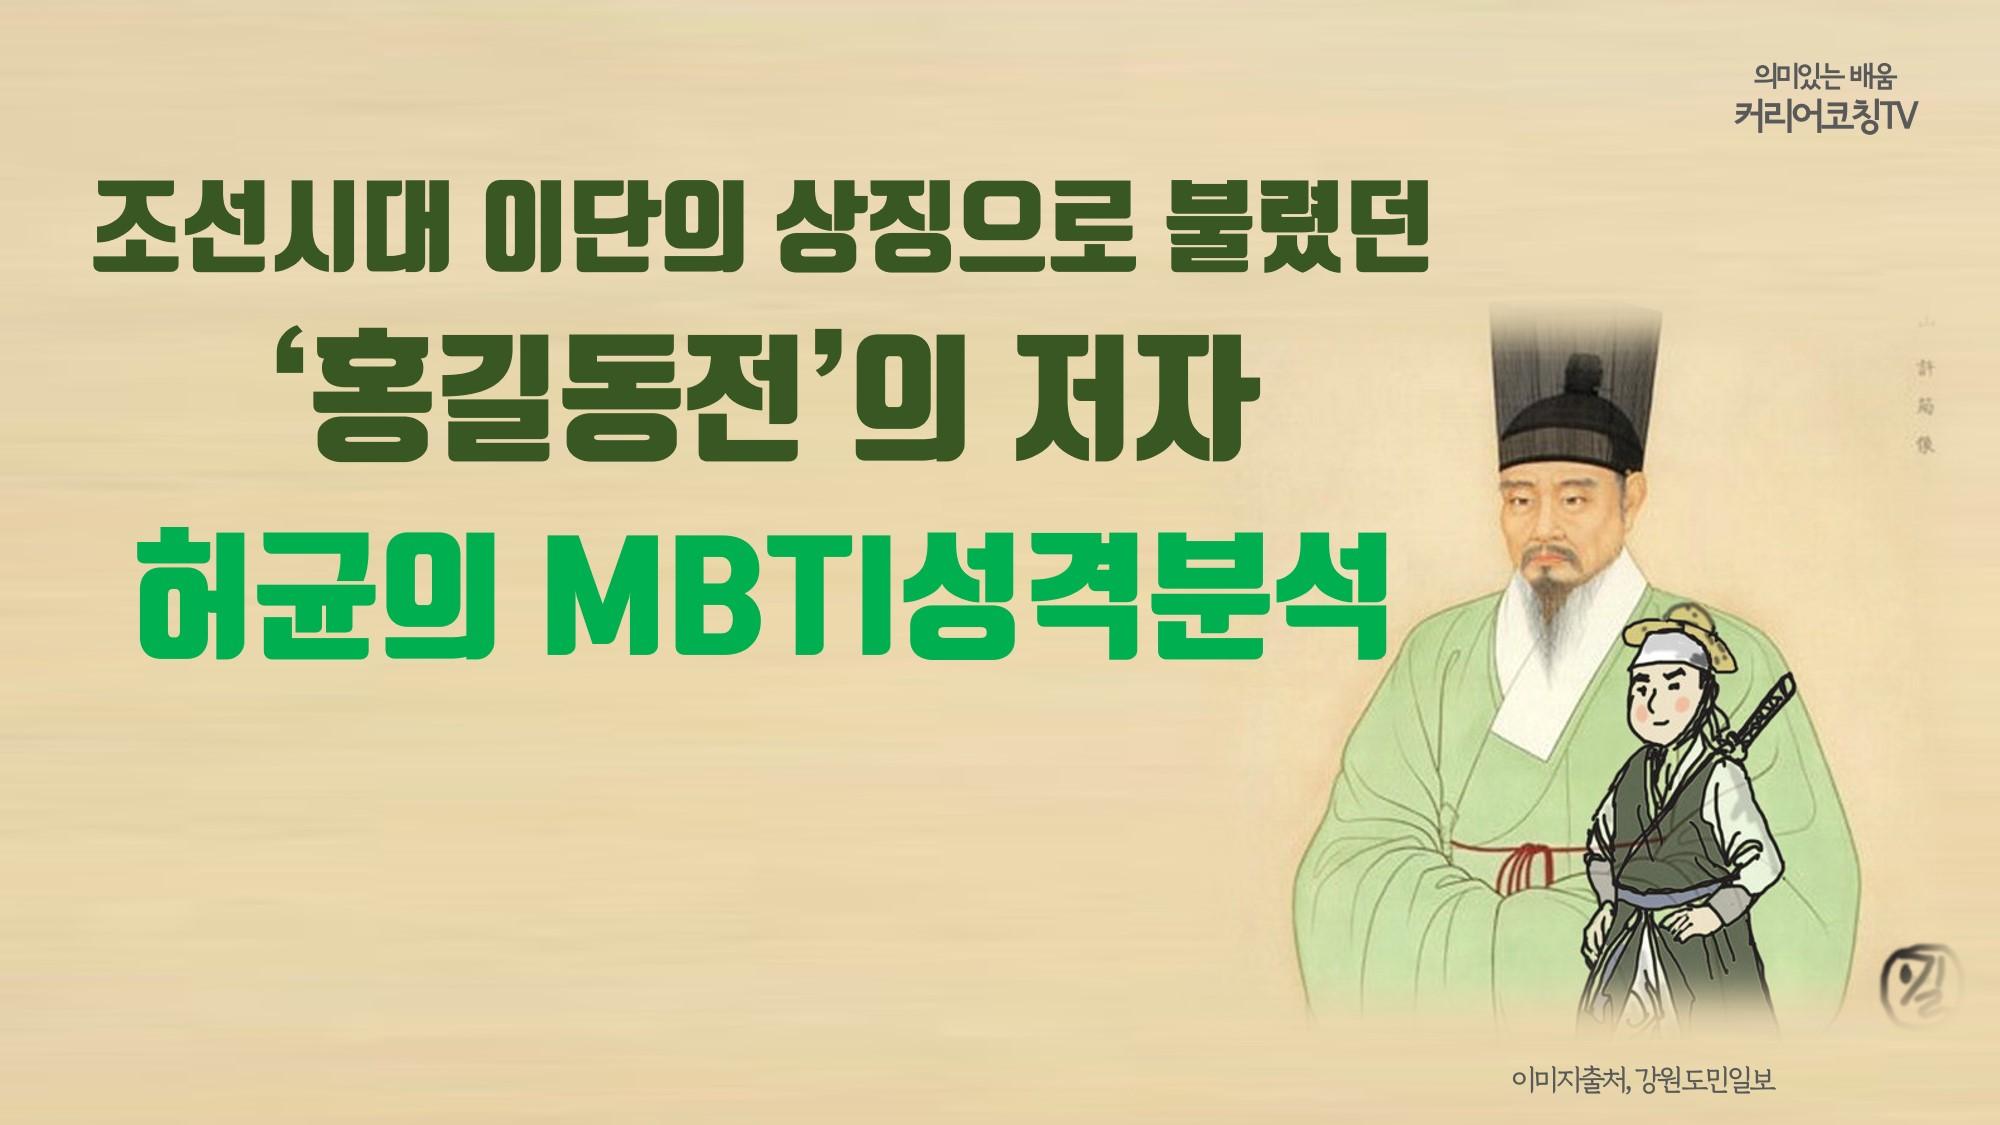 조선시대 이단의 상징으로 불렸던 '홍길동전'의 저자 허균의 MBTI성격분석